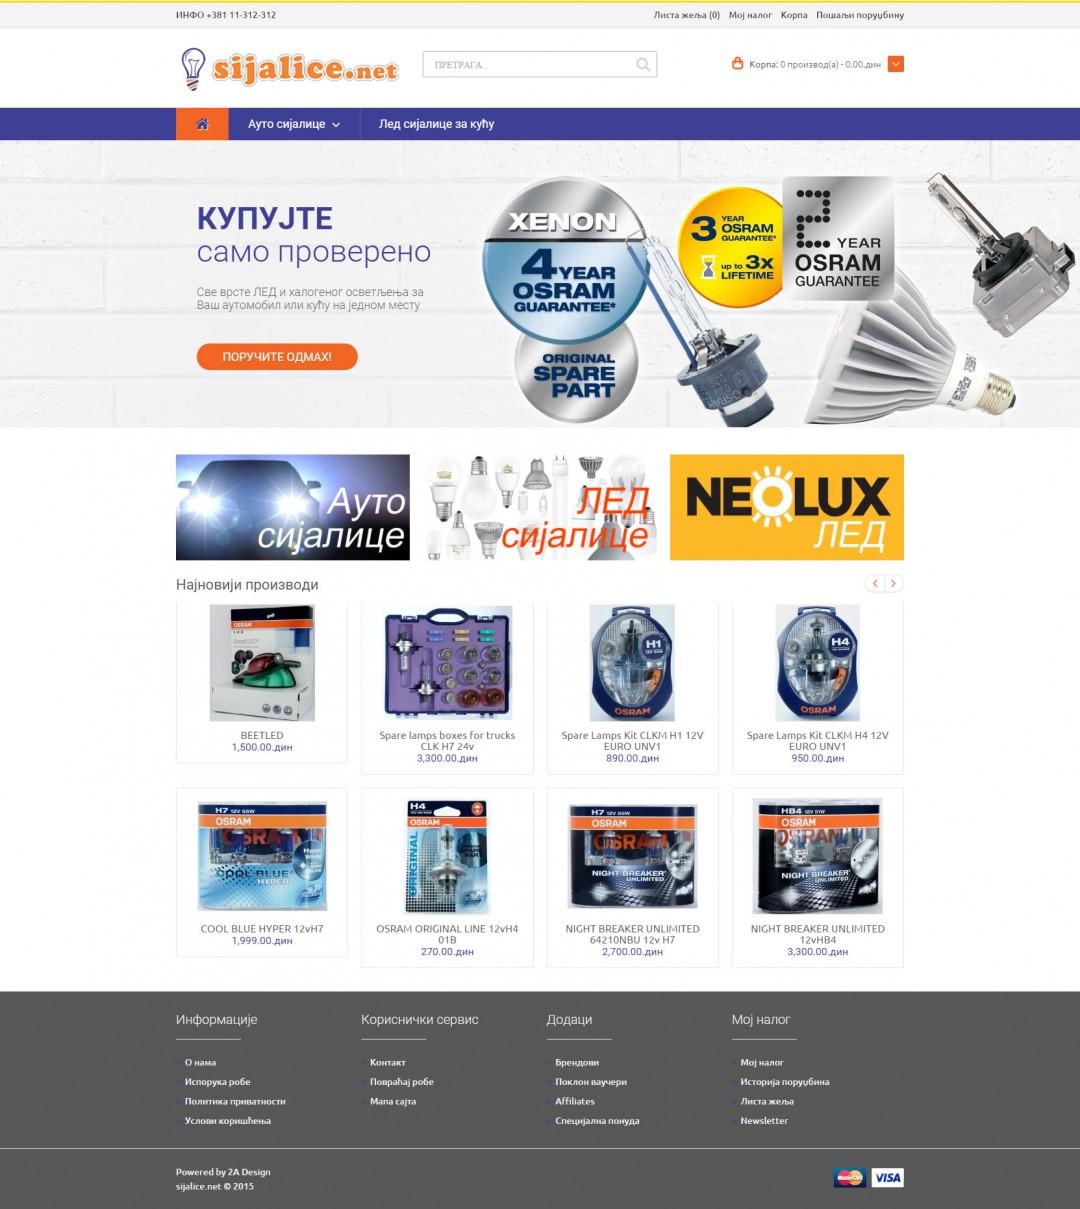 sijalice.net